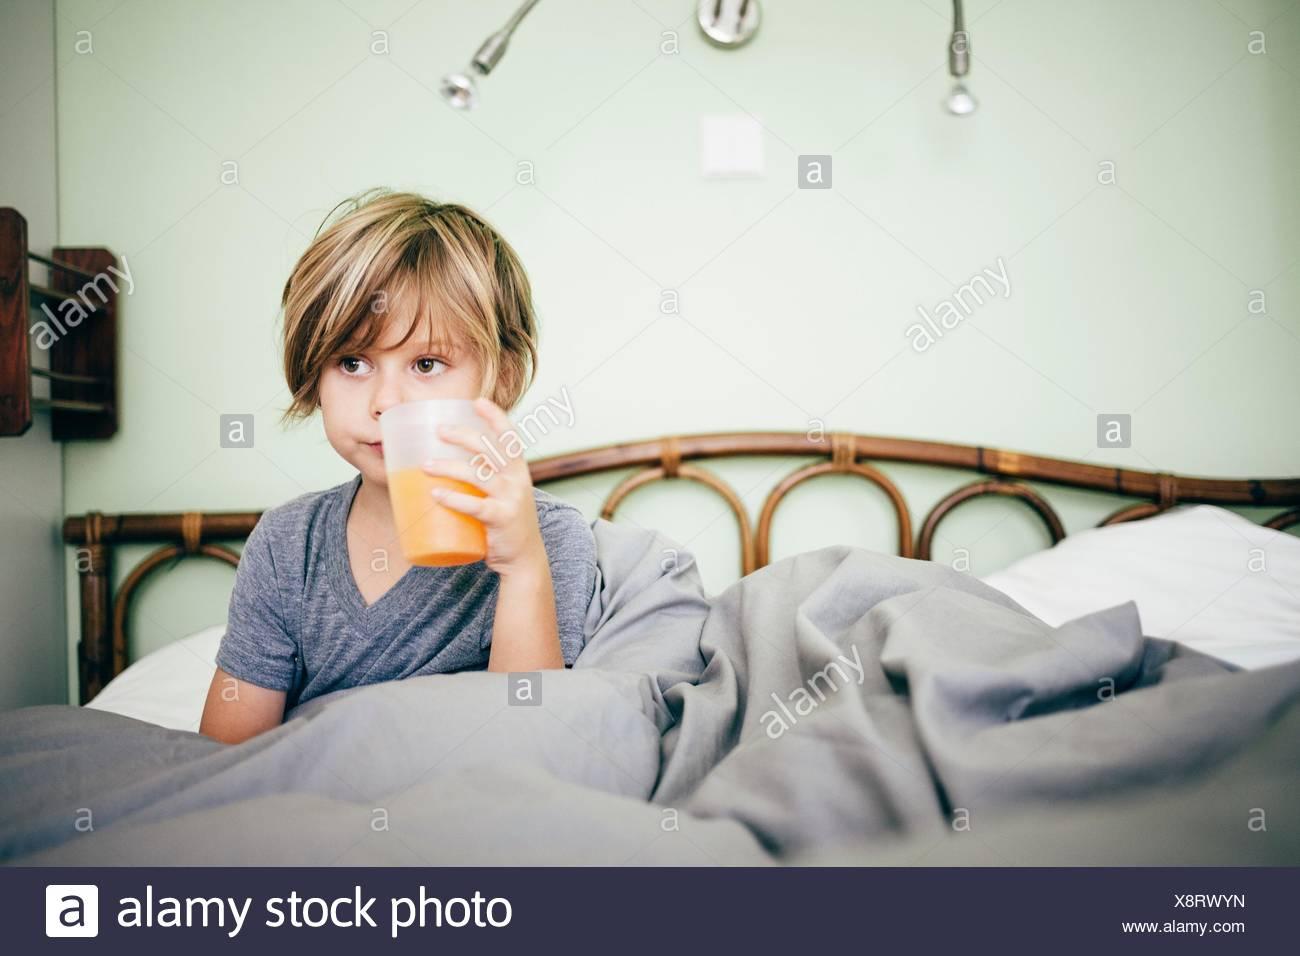 Junge sitzt im Bett trinken Becher Orangensaft, wegsehen, Bludenz, Vorarlberg, Österreich Stockfoto